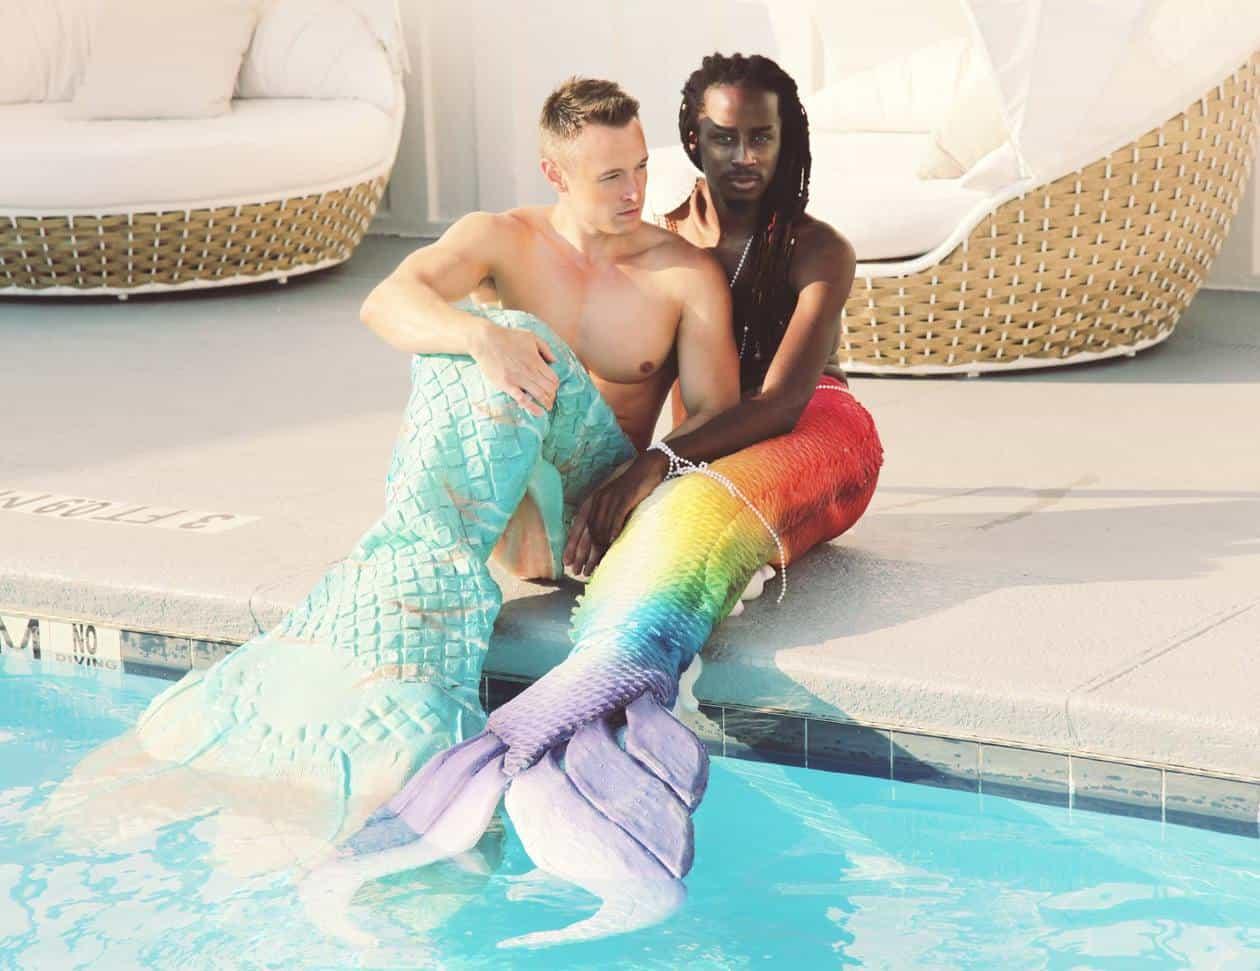 gay merman